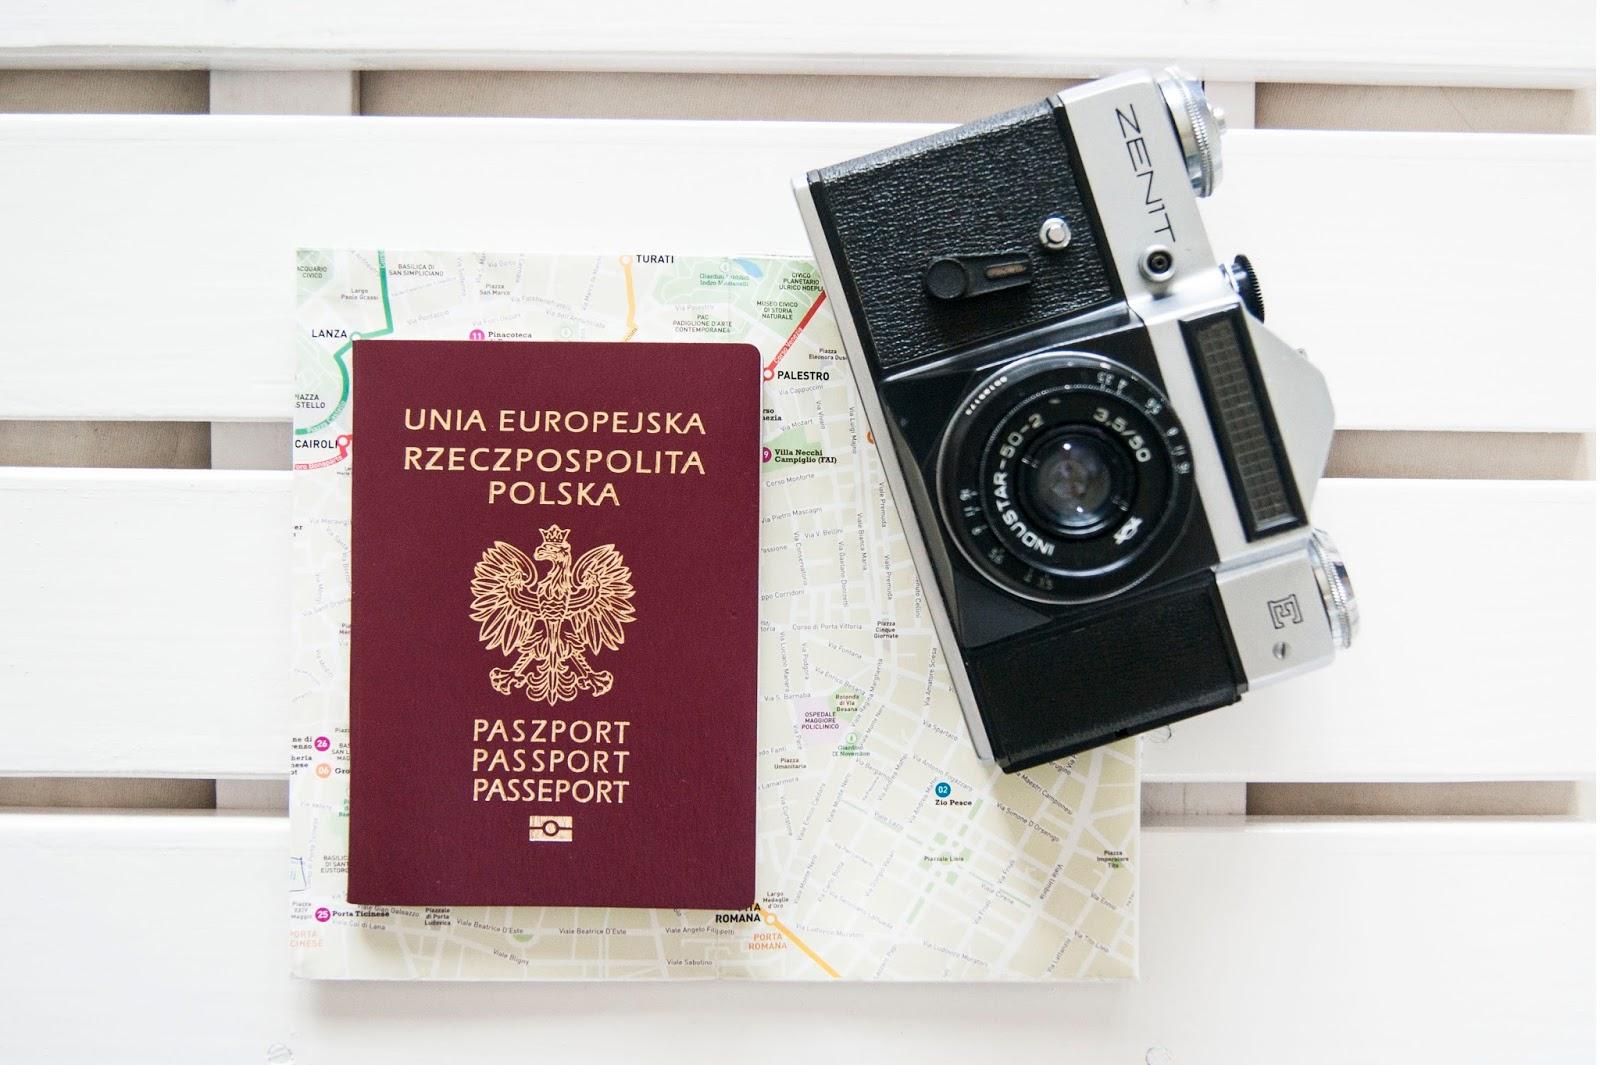 wakacje marzeń, tanie wakacje za granicą, podróżowanie